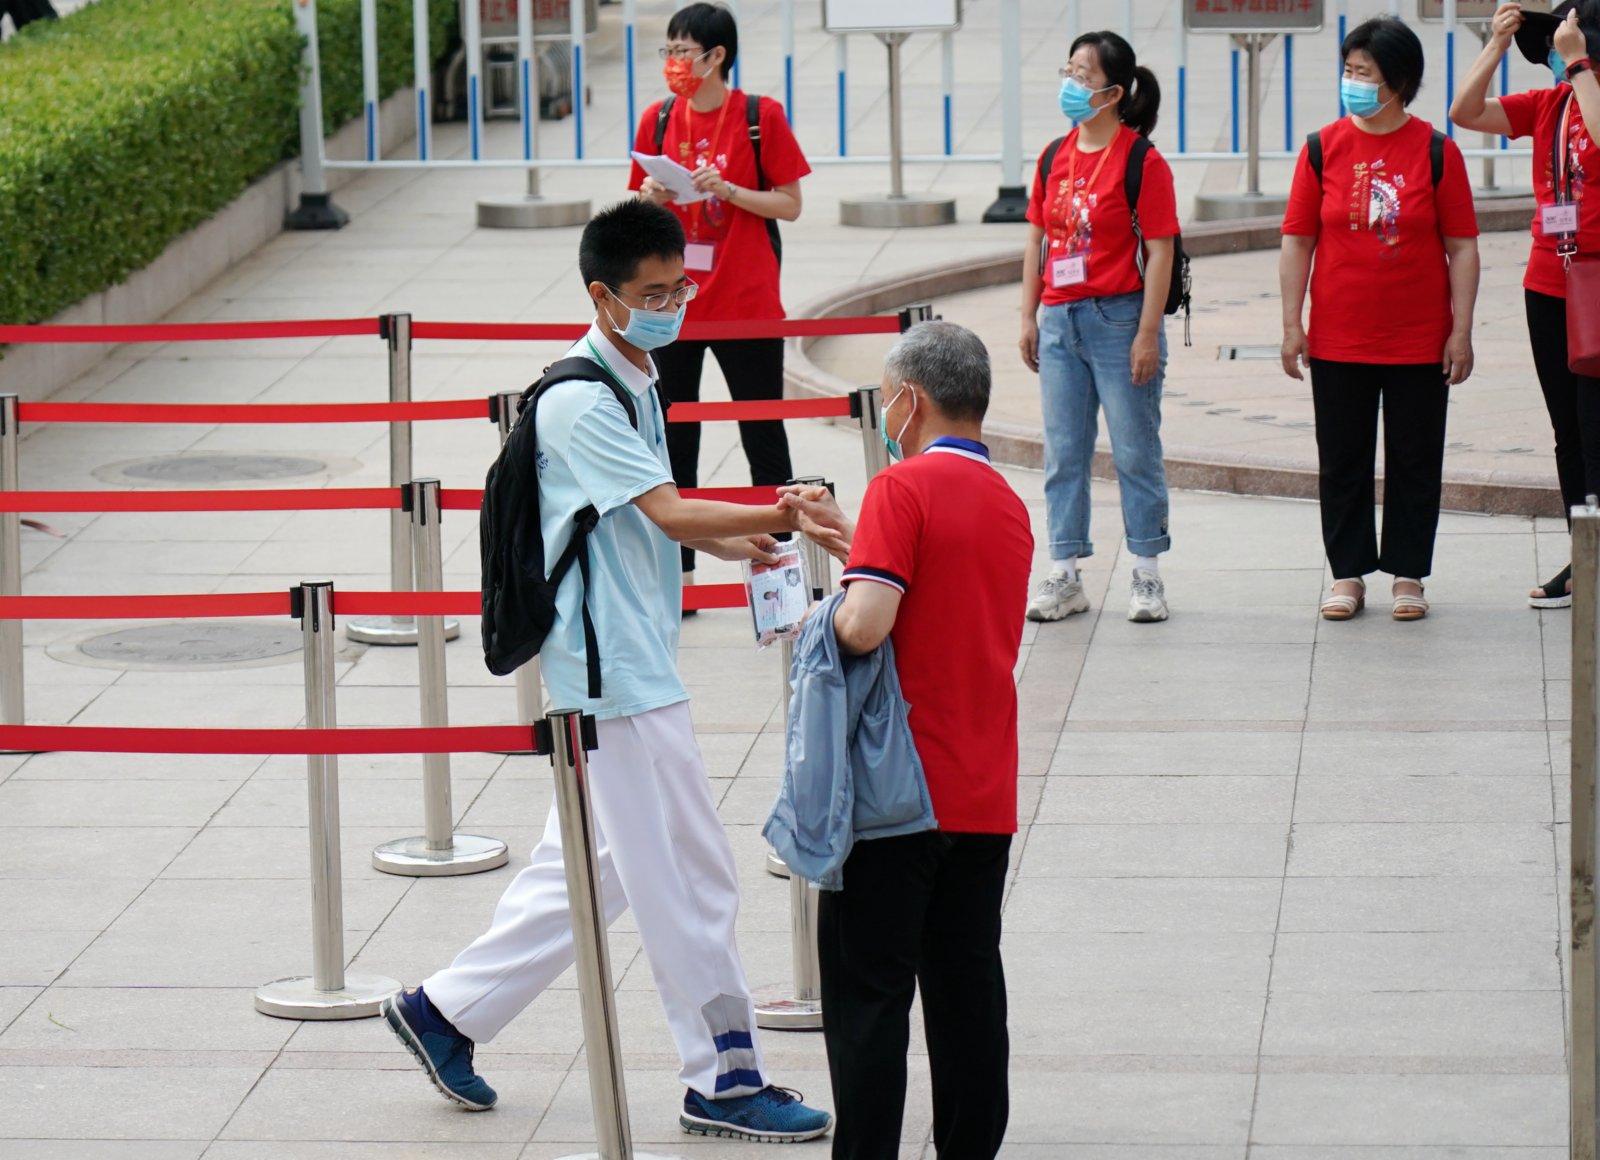 6月7日,在北京市中國人民大學附屬中學考點,考生在進考場前與老師擊掌。新華社